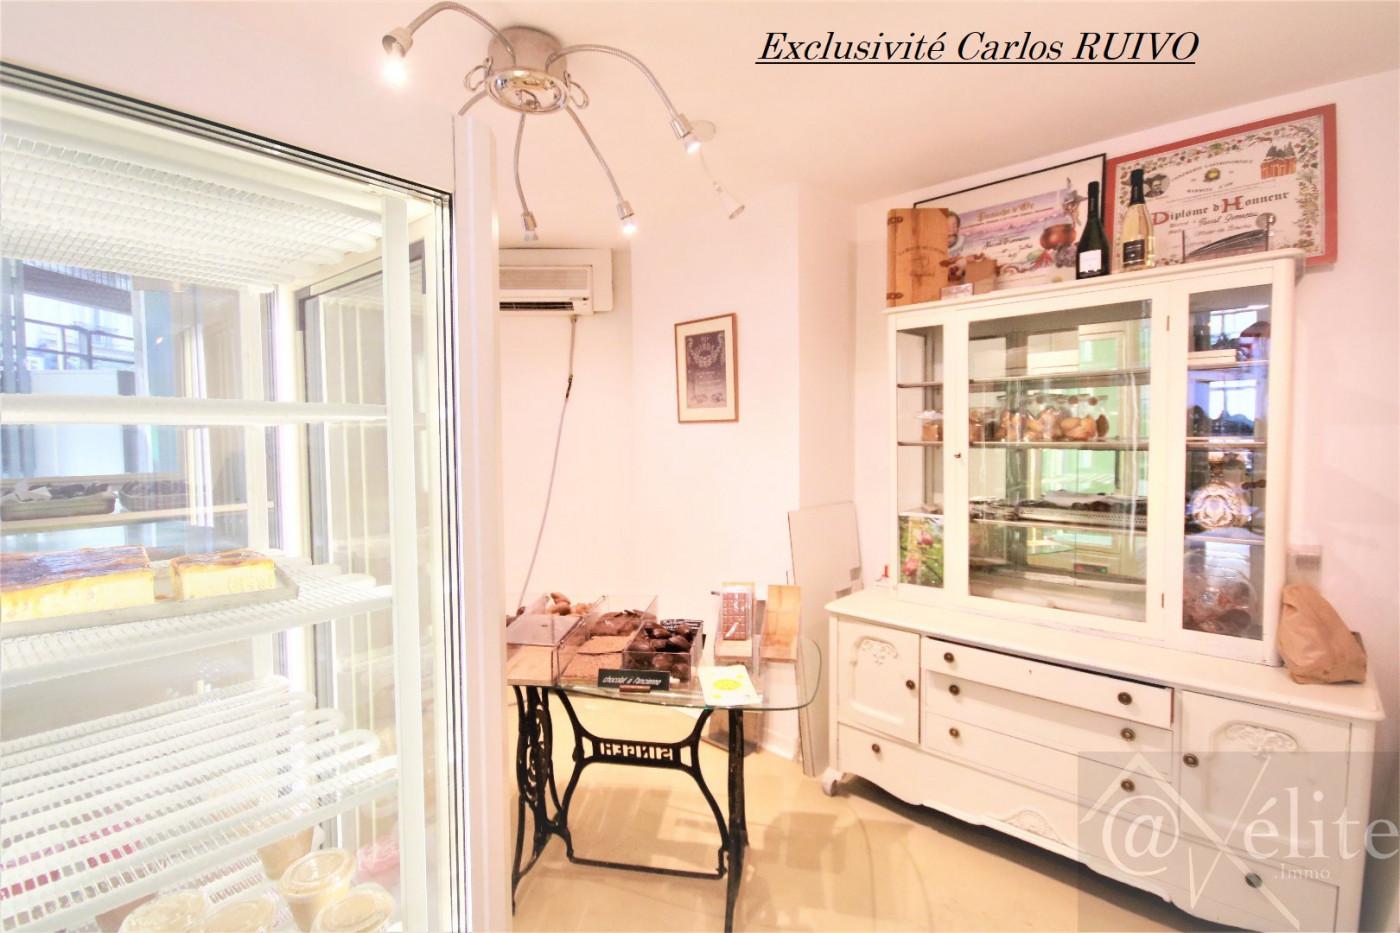 A vendre  Paris 17eme Arrondissement | Réf 777923233 - Axelite sas